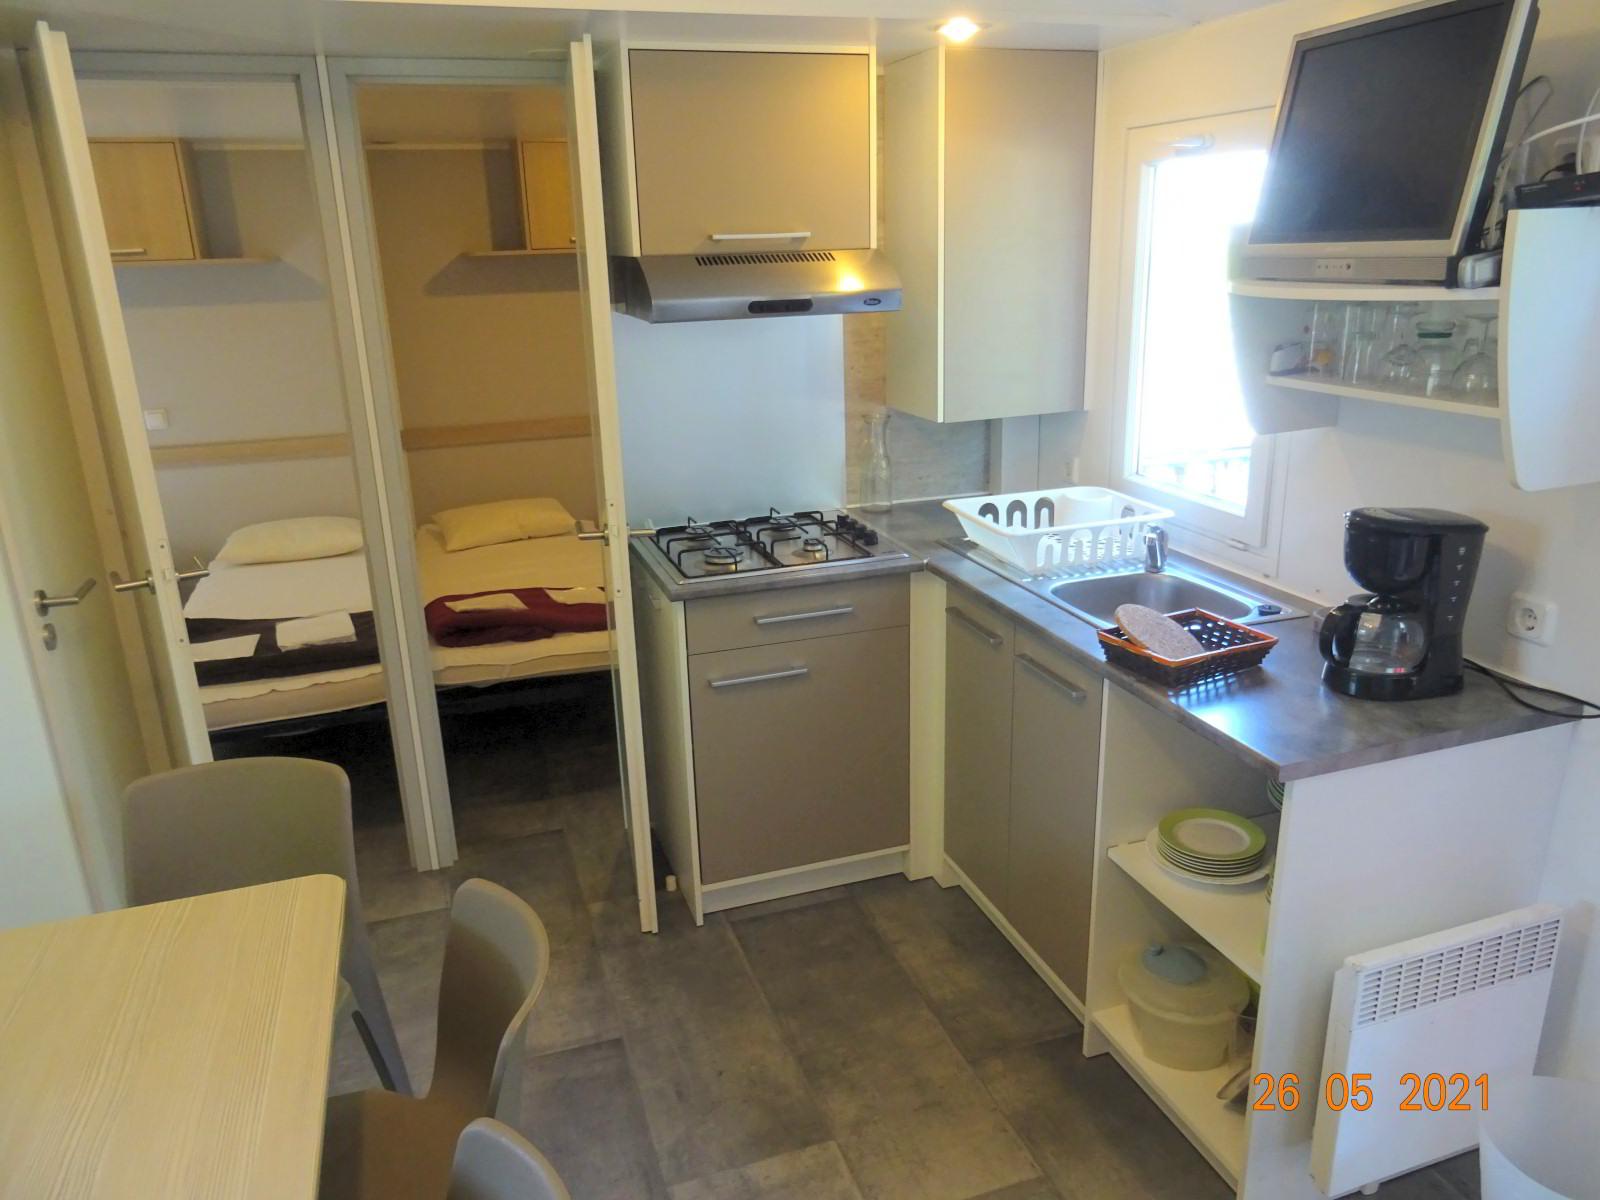 Stacaravan 3 slaapkamers, keuken en slaapkamers